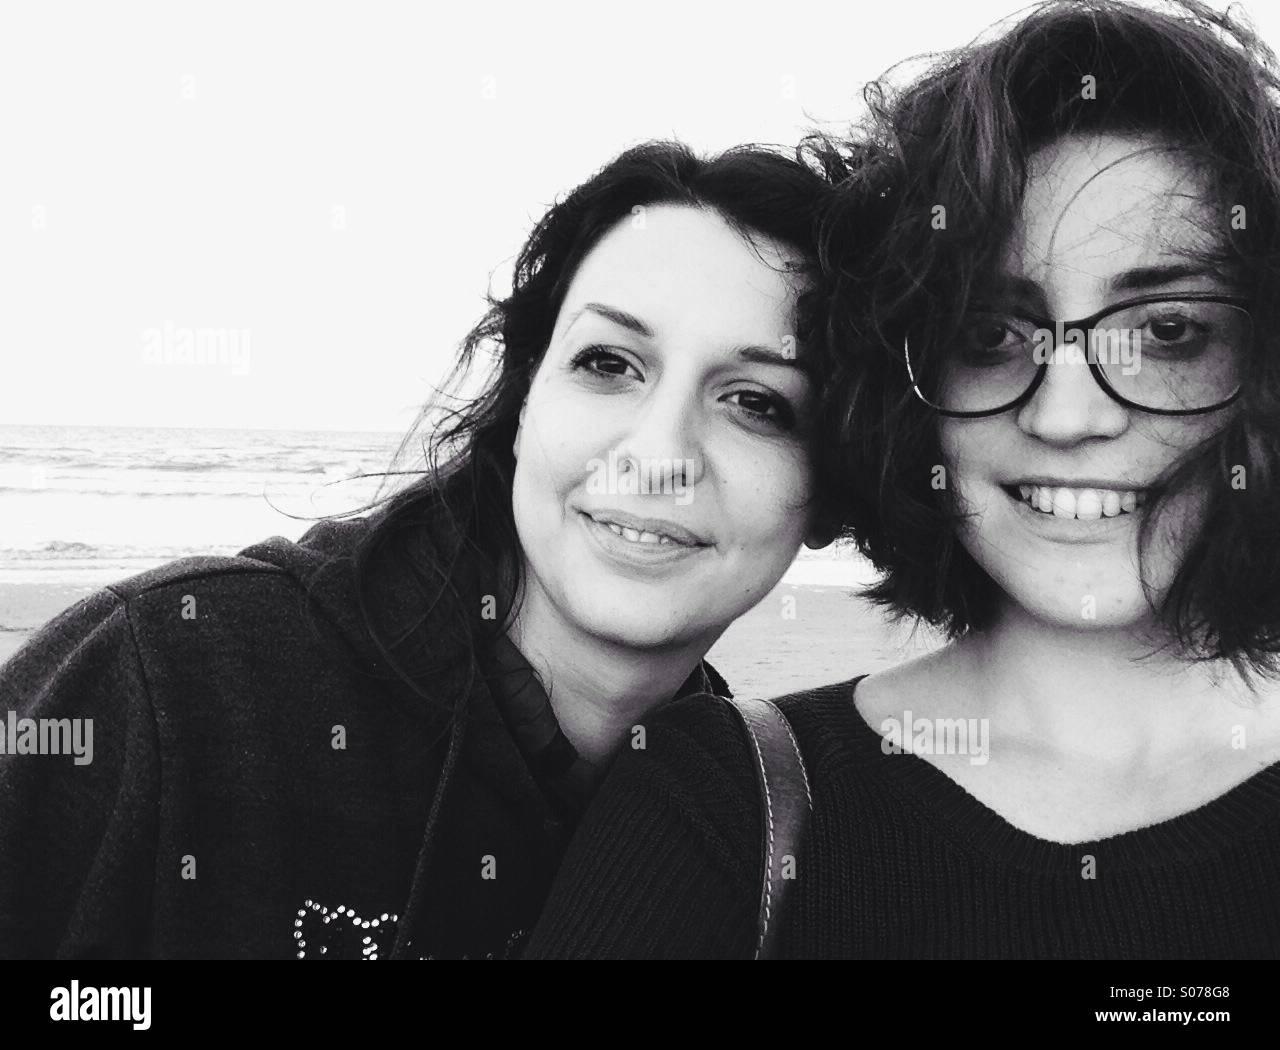 Selfie von zwei Frauen Lächeln an einem Strand in Rimjni, Italien Stockfoto